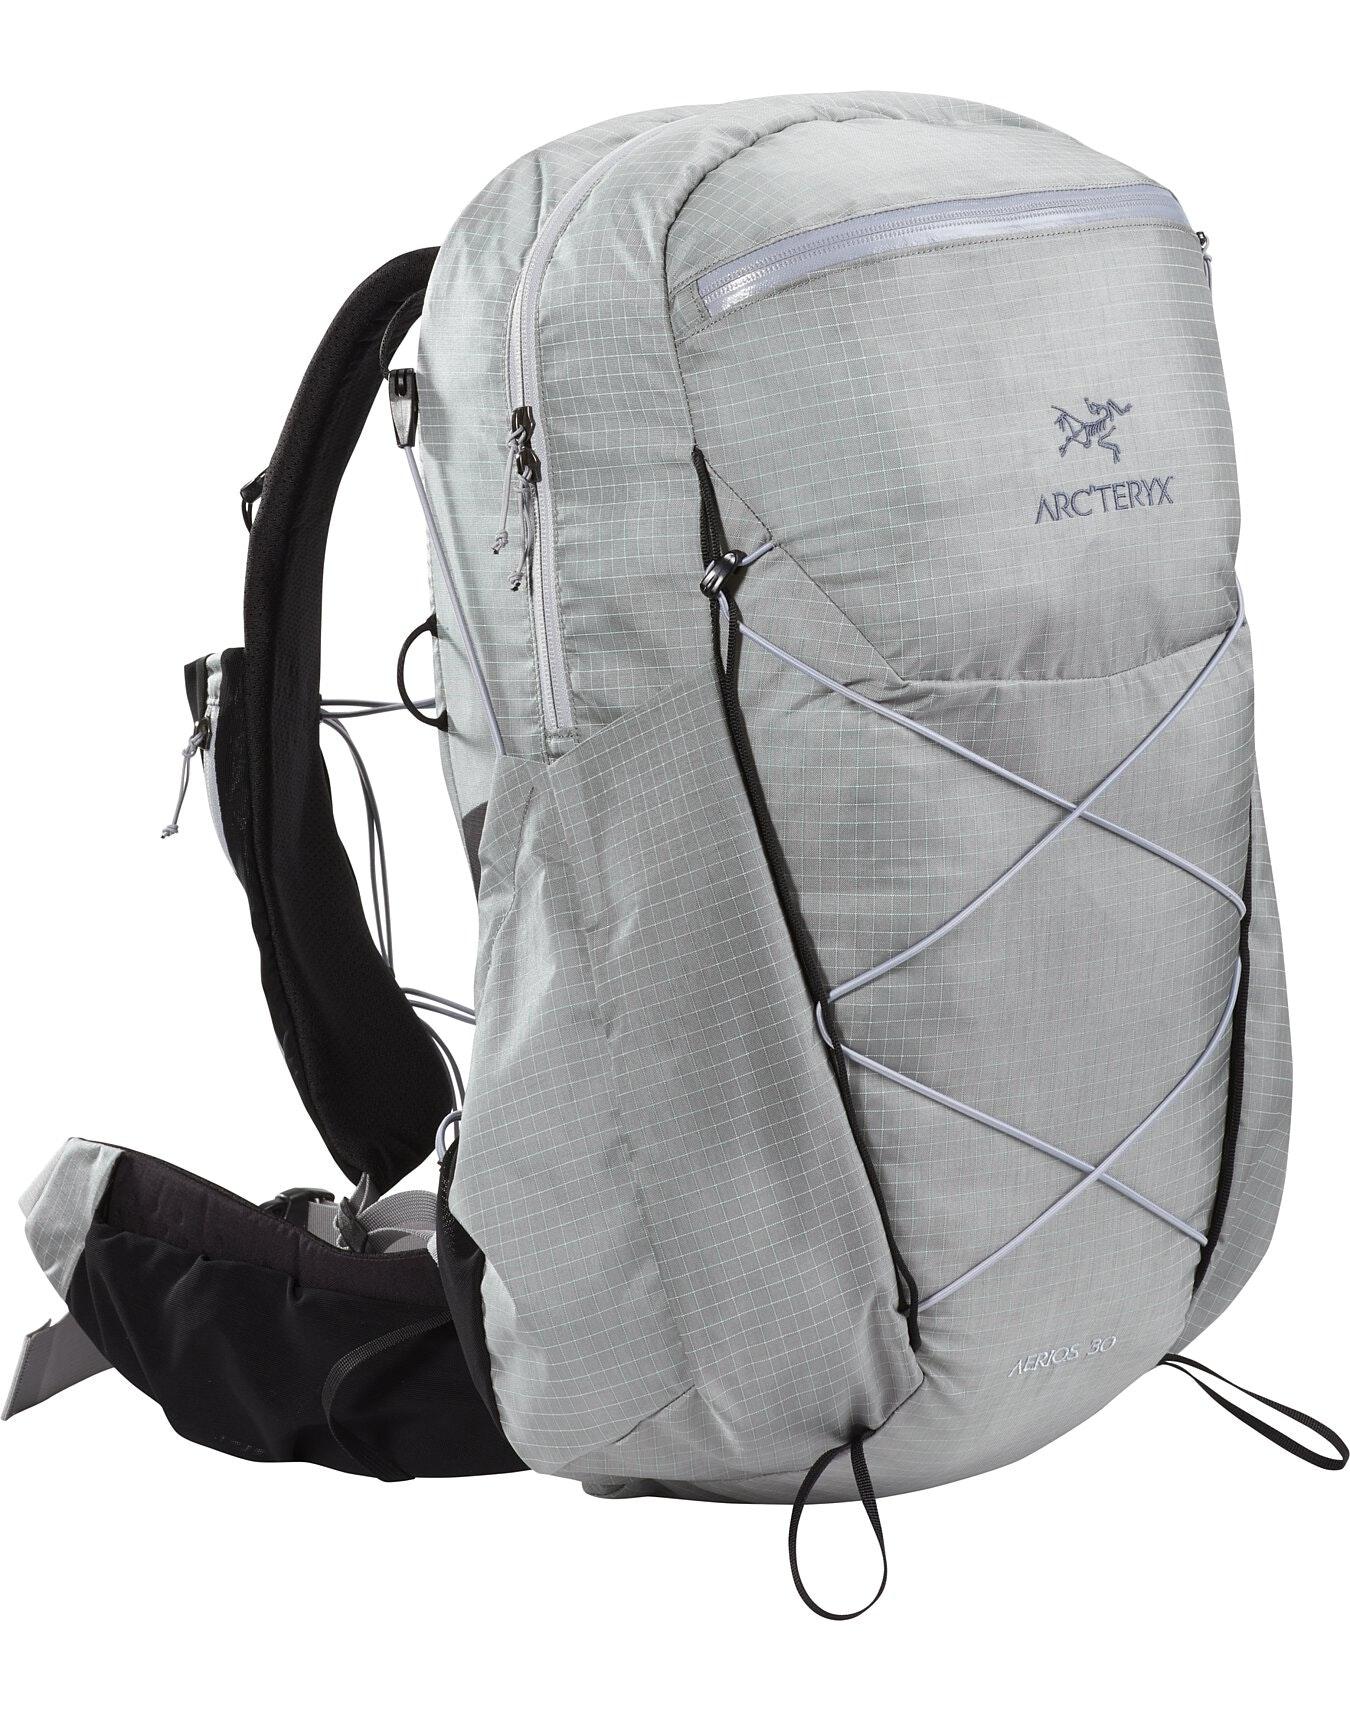 Aerios 30 Backpack Pixel